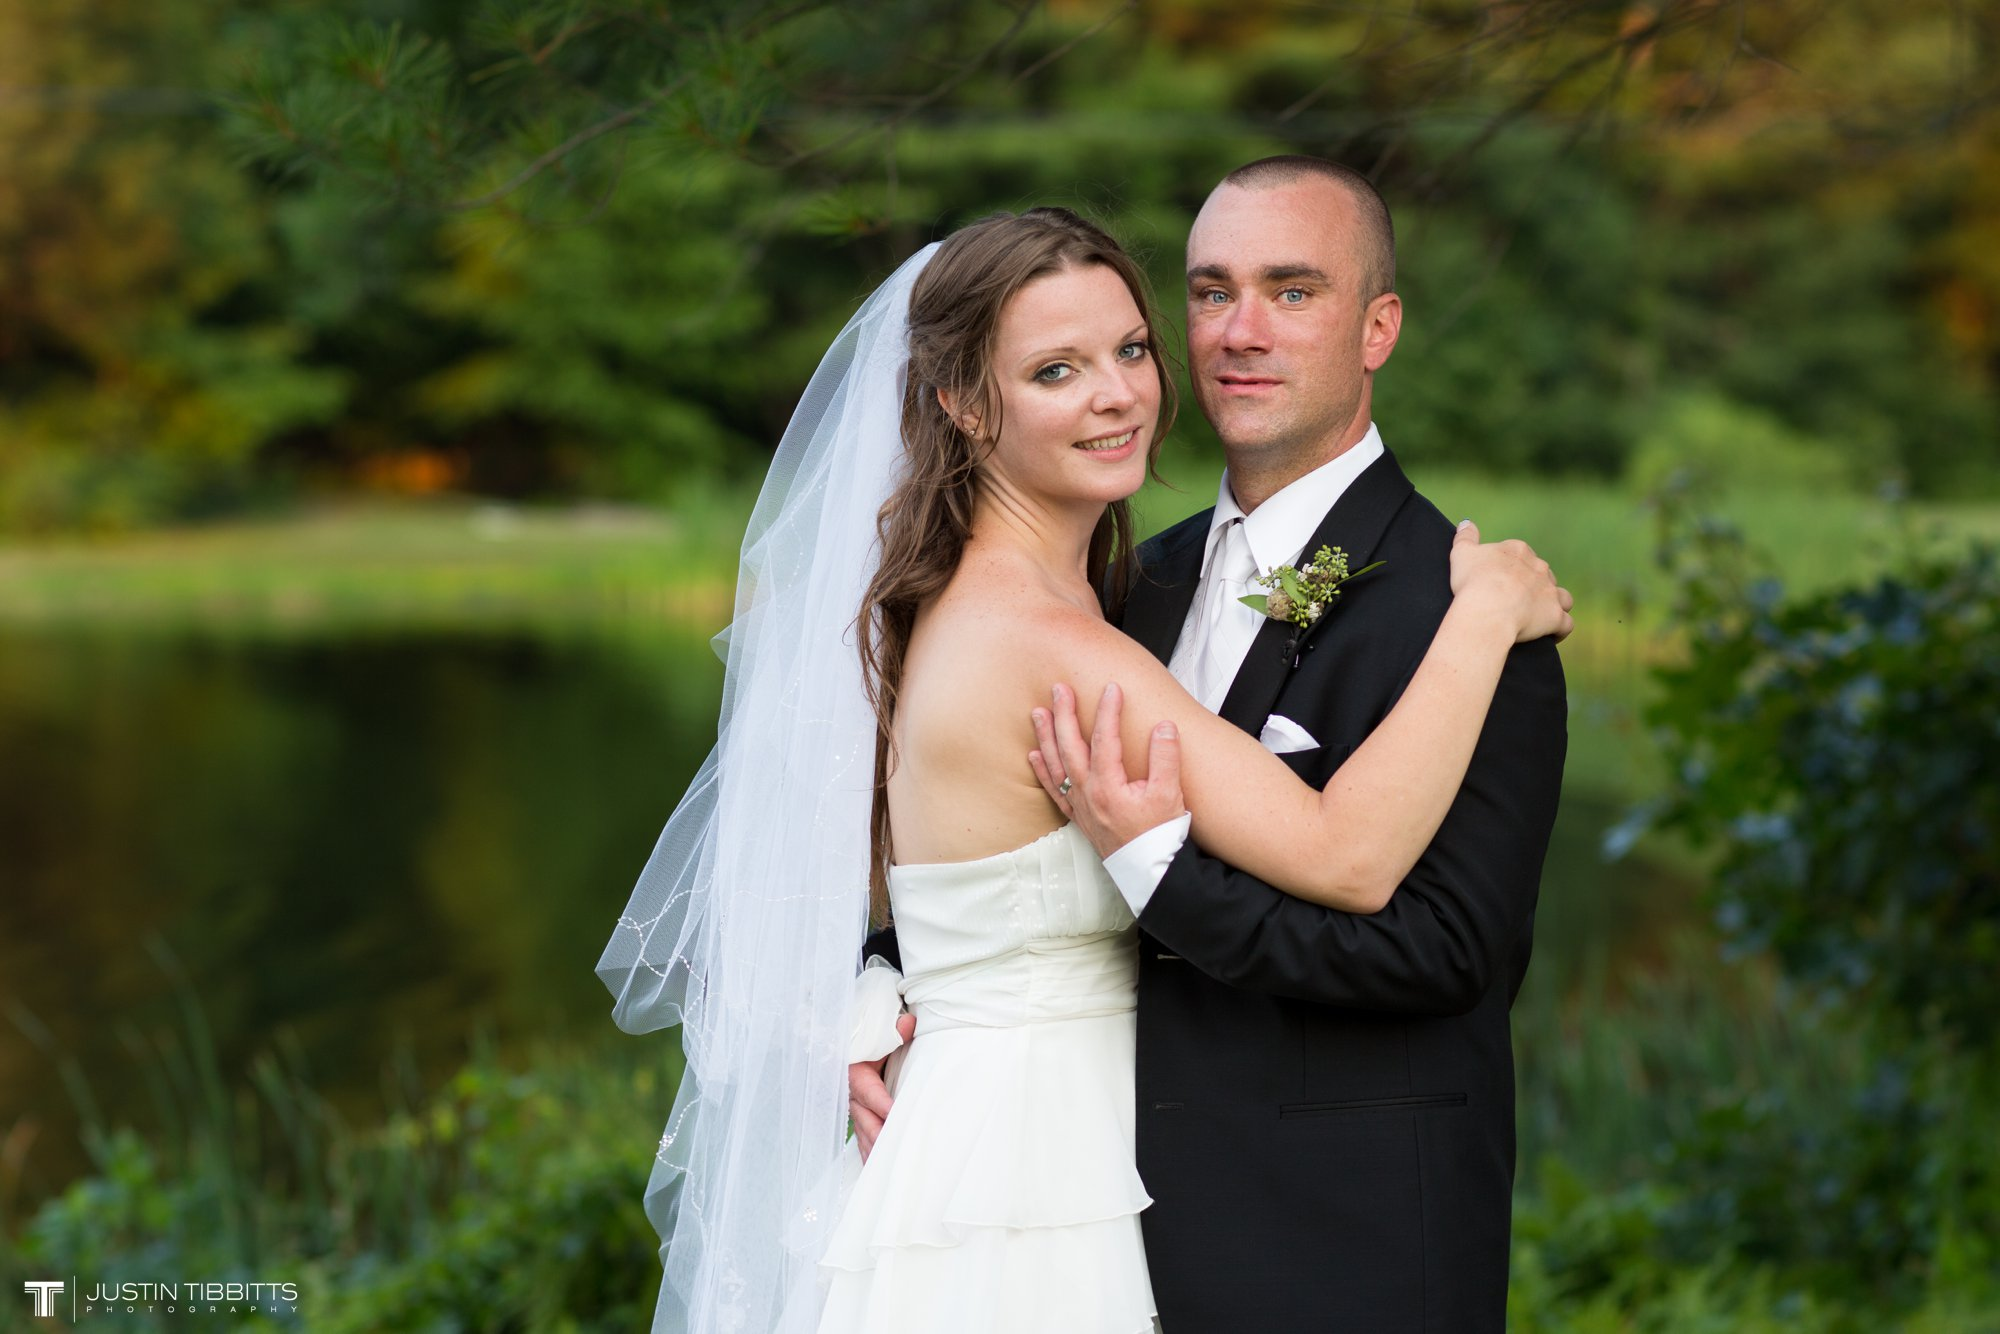 Albany NY Wedding Photographer Justin Tibbitts Photography 2014 Best of Albany NY Weddings-430116130